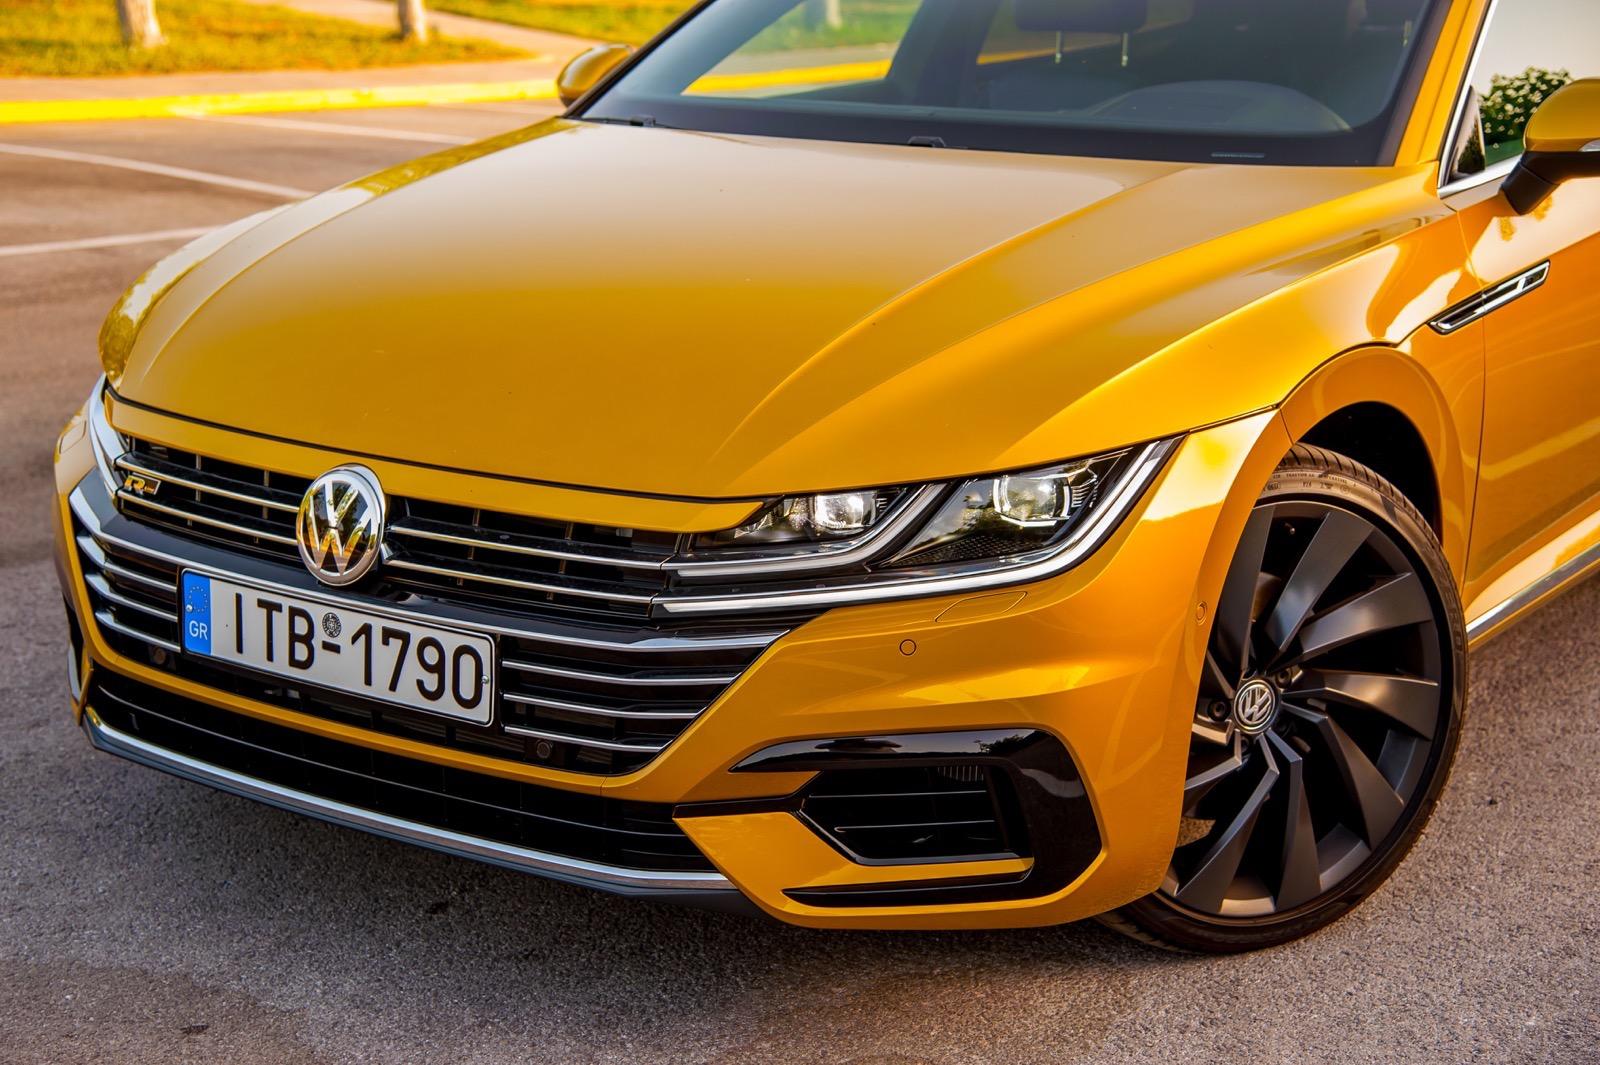 Volkswagen_Arteon_Greek_Presentataion_48